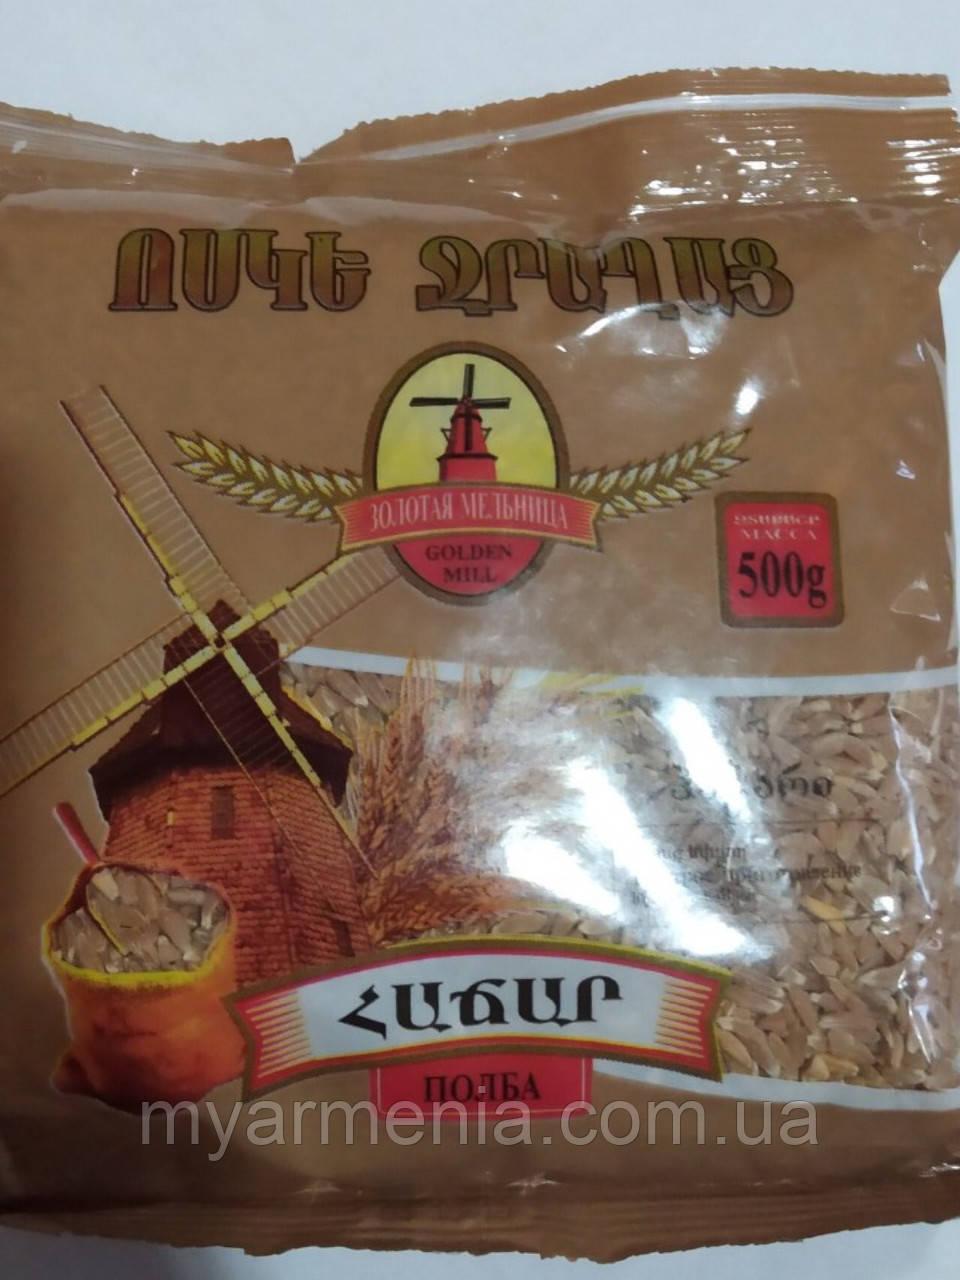 Крупа Ачар (Полба) купити. Вірменська крупа Ачар 0.5 kg